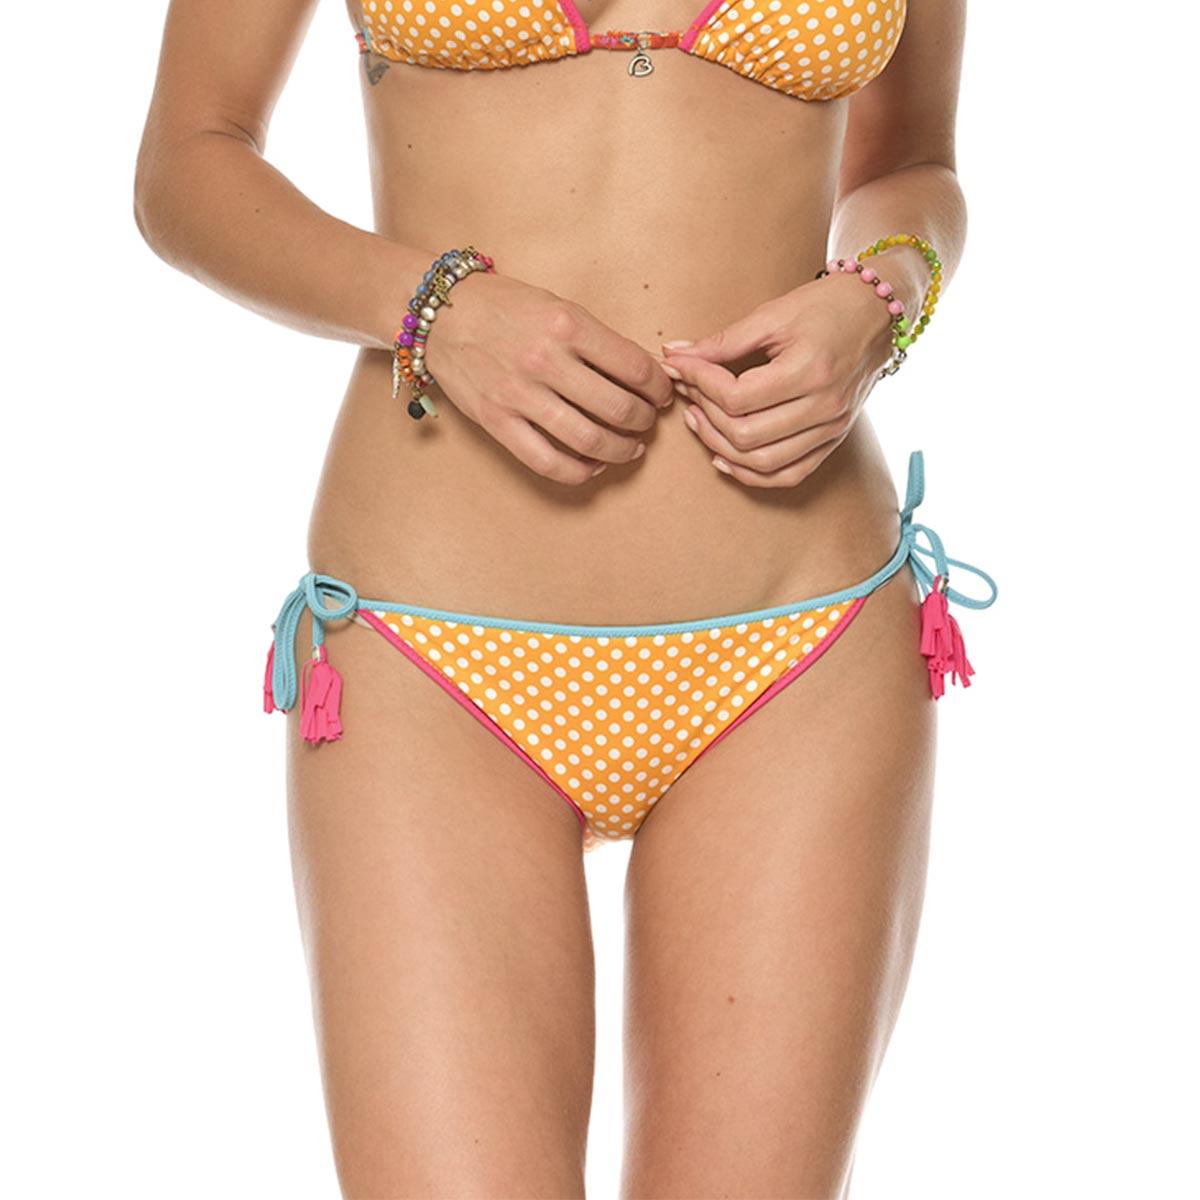 Teens - Maillot culotte jaune orangé à pois réversible Beachpoint (Bas)